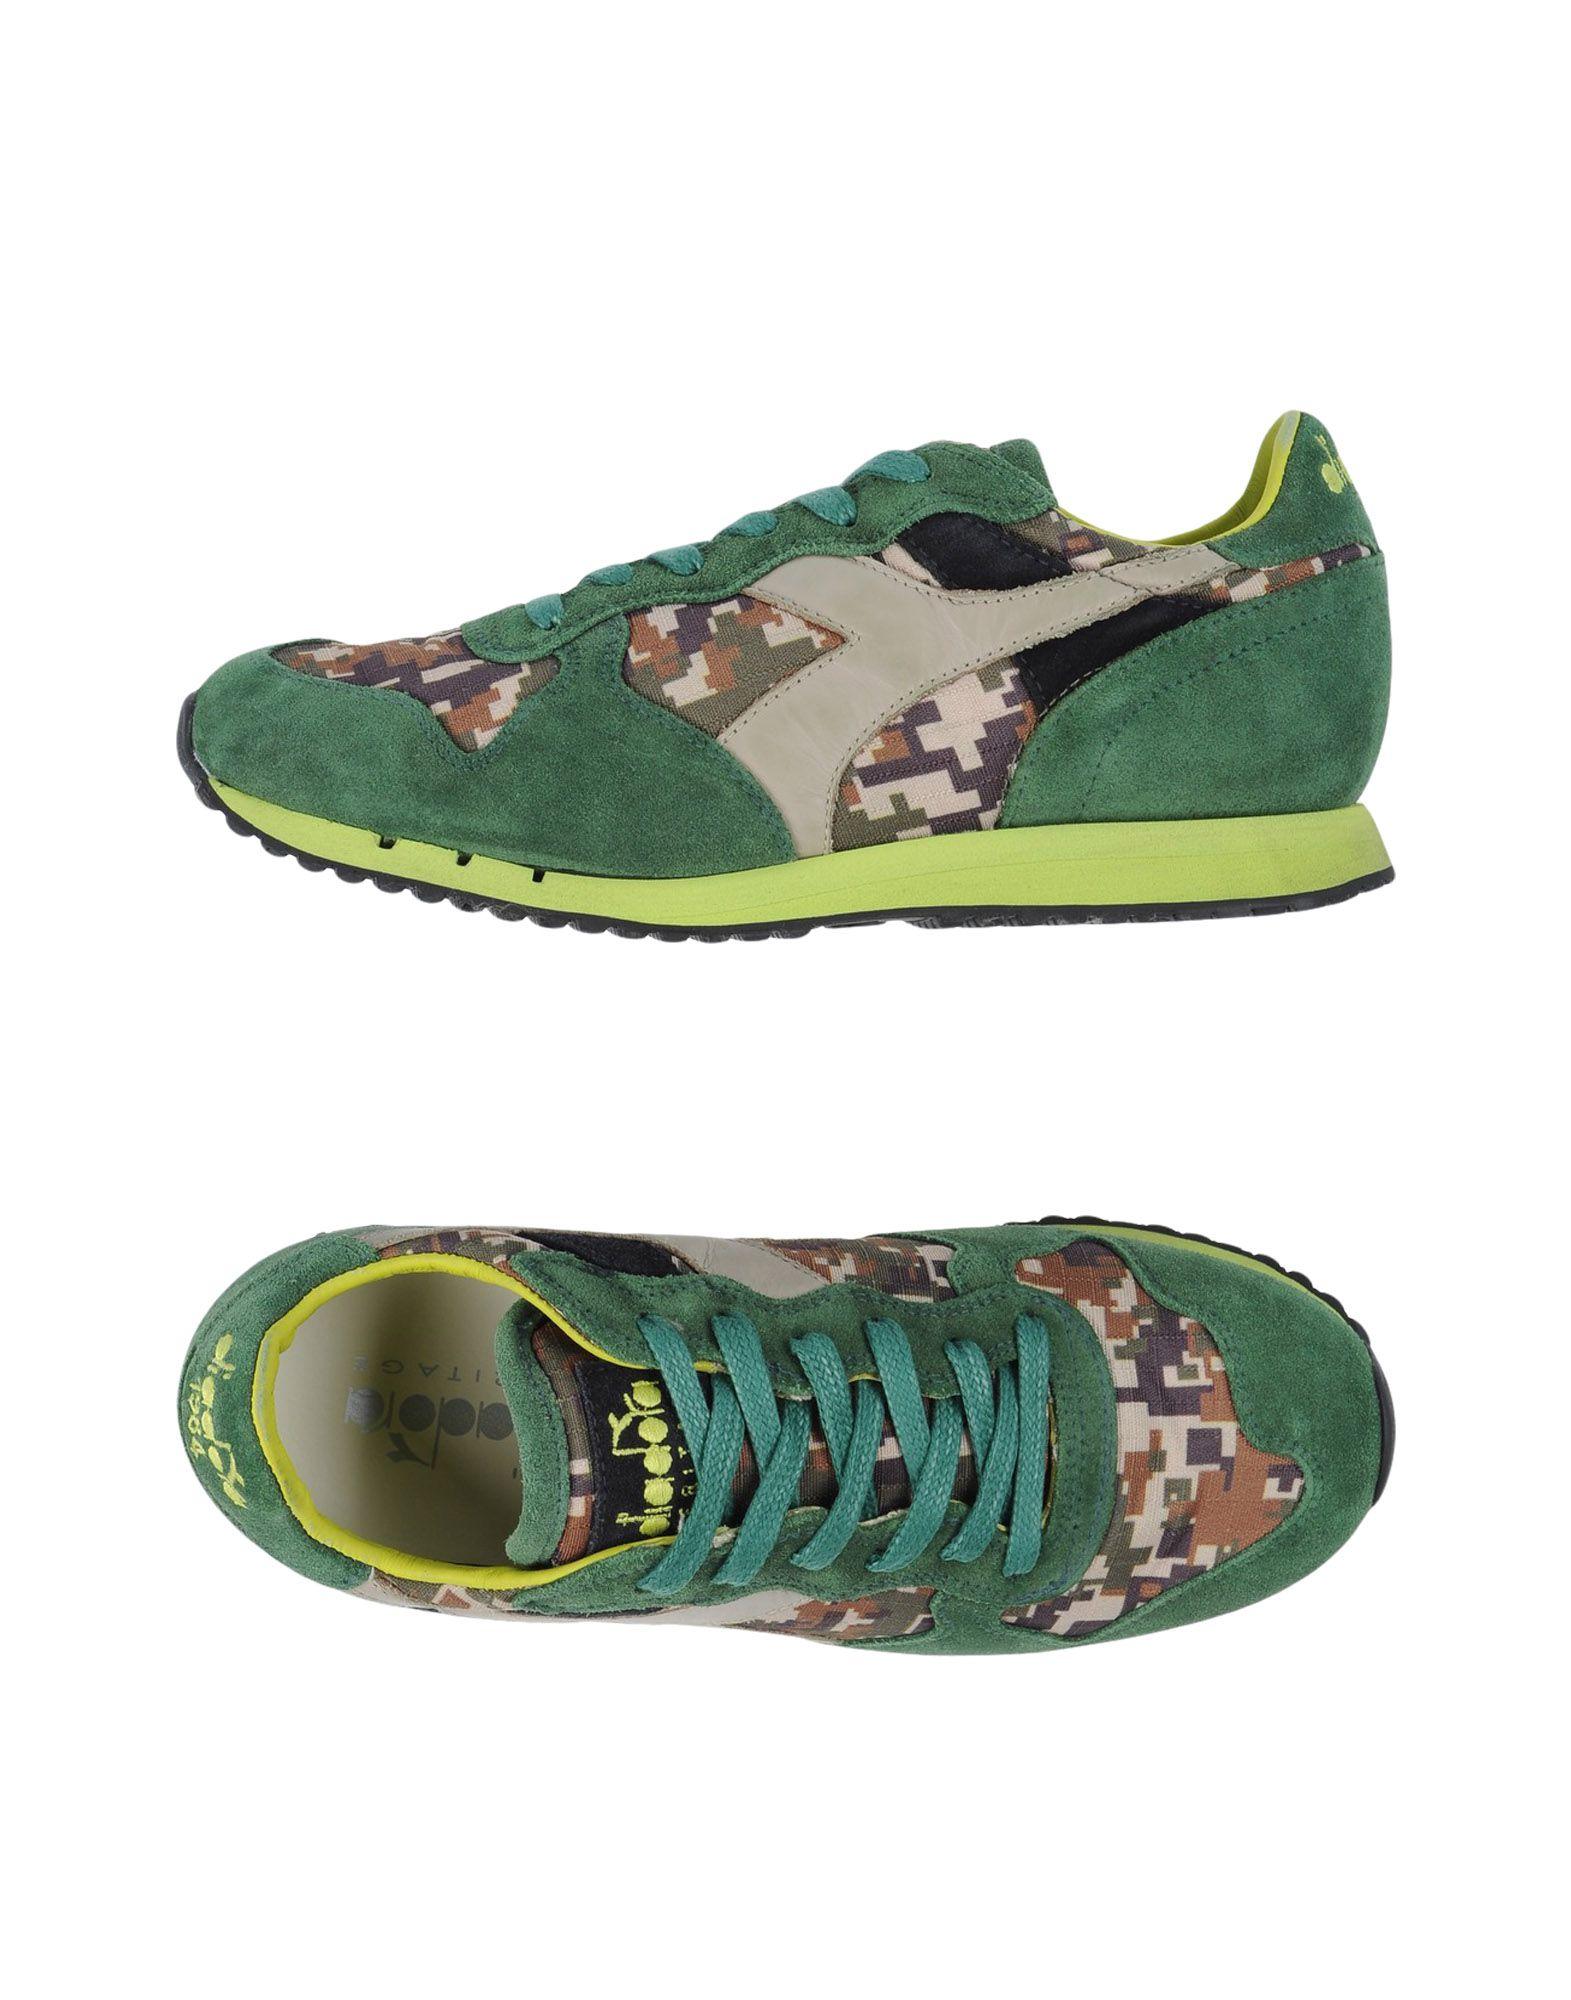 Diadora Diadora Heritage Sneakers - Men Diadora Diadora Heritage Sneakers online on  Australia - 11343830PD db9f3d